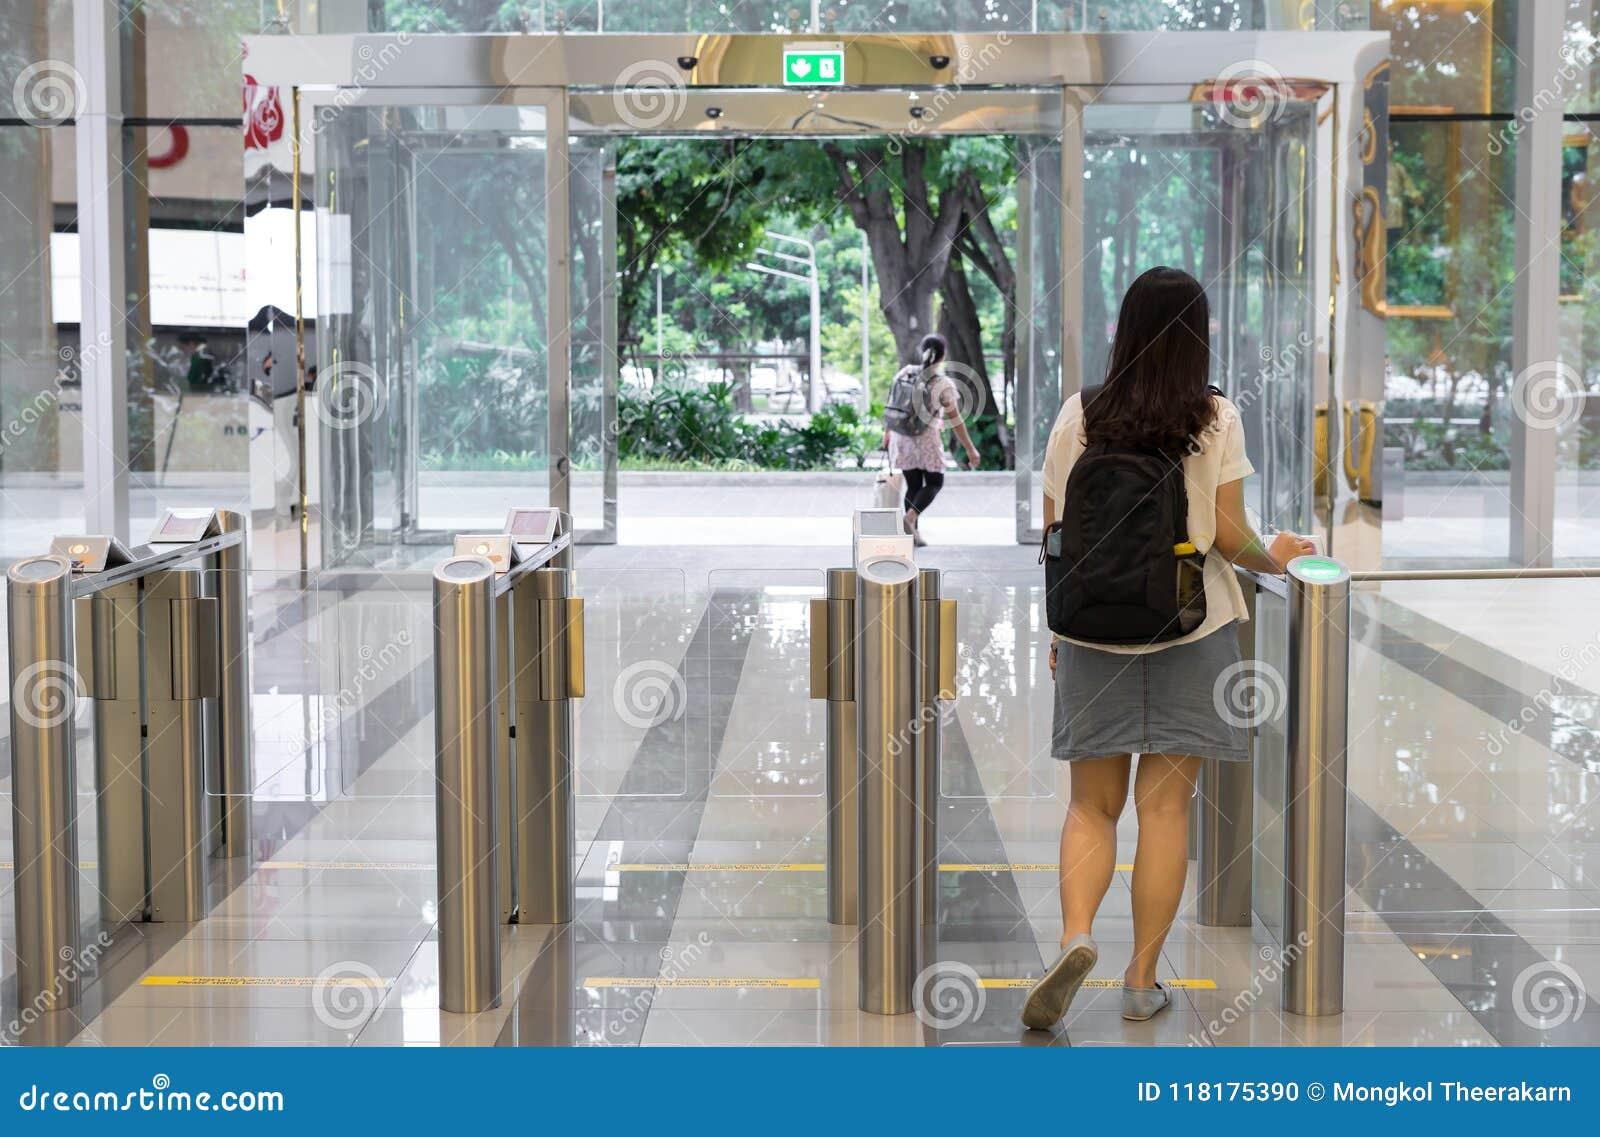 Kobiety zaludniają chodzącego od ochrony przy wejściową bramą z kluczowej karty kontrola dostępu mądrze budynkiem biurowym out